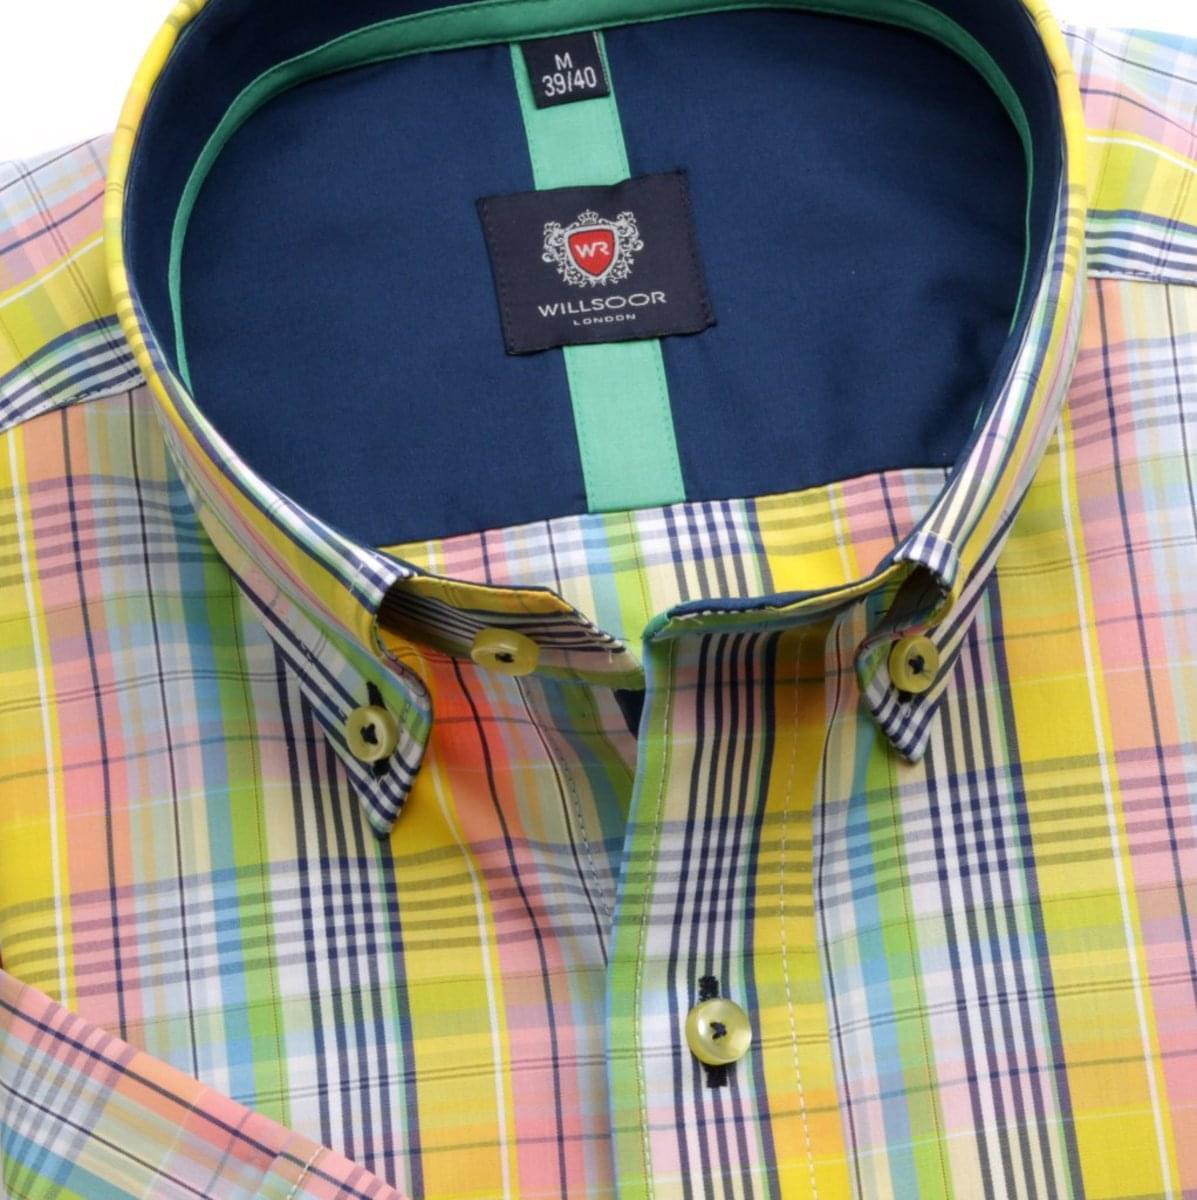 Pánska slim fit košele London (výška 176-182) 6453 s farebnú kockou a golierikom na gombíky 176-182 / M (39/40)